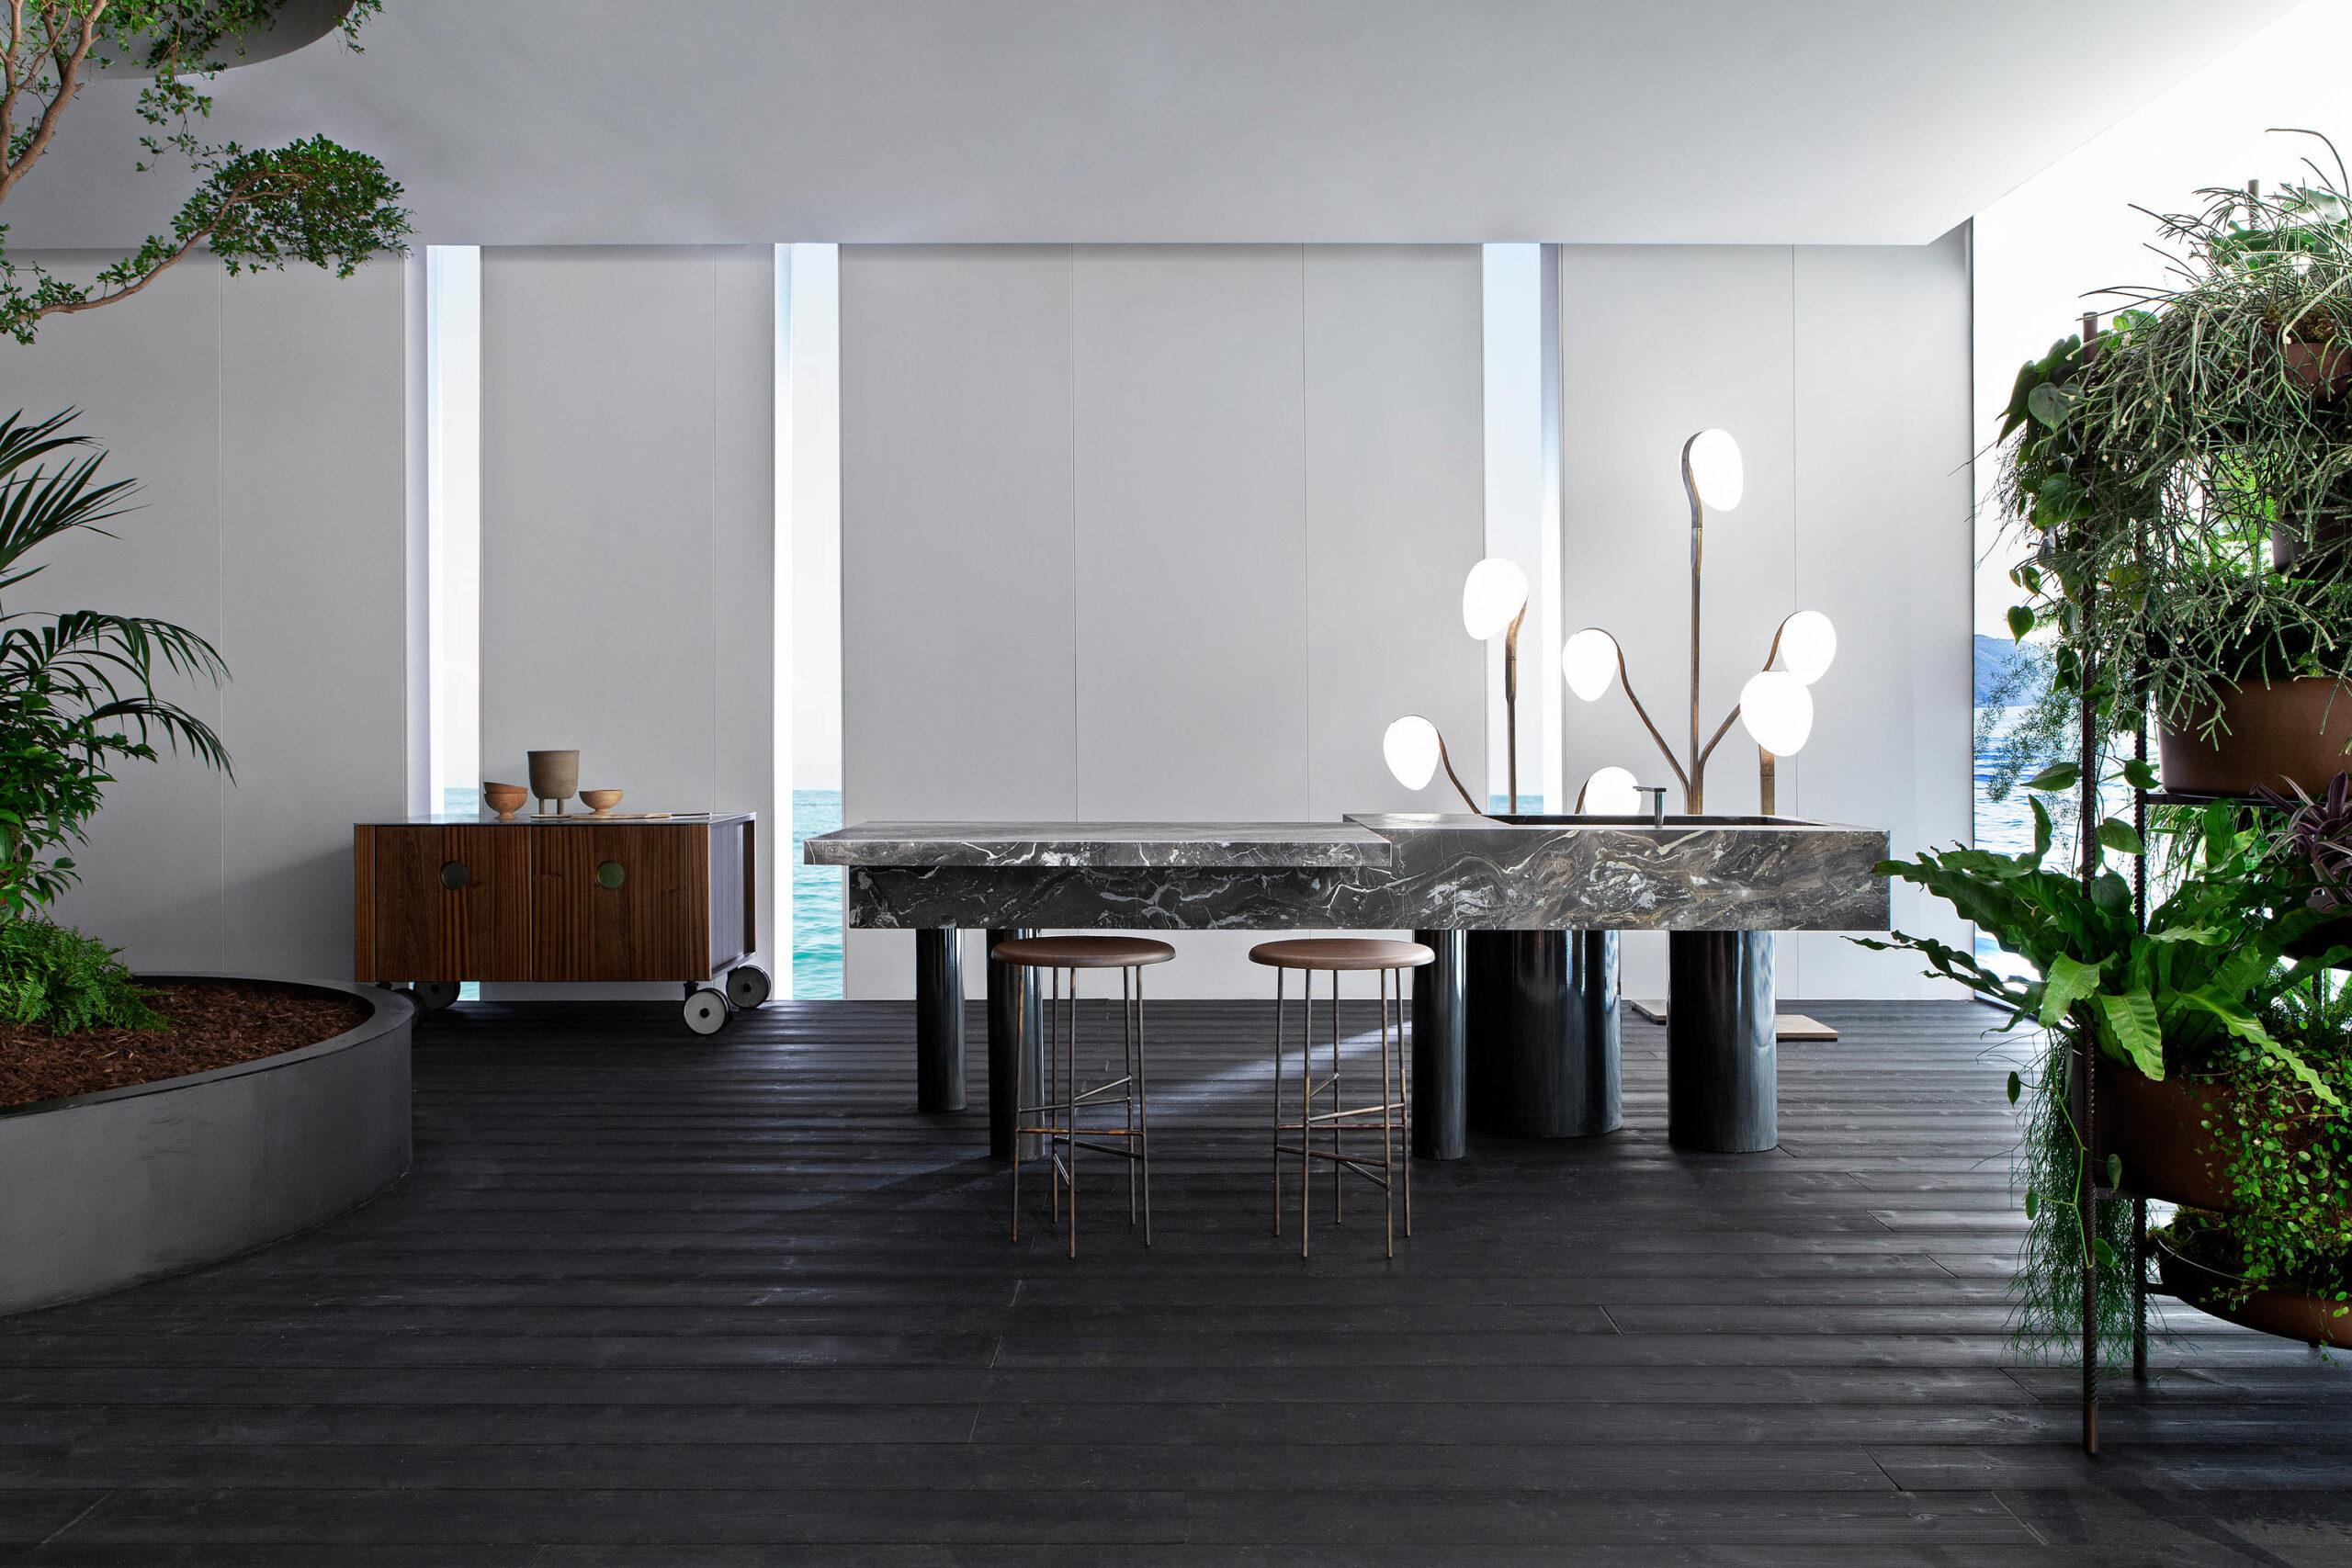 Full Size of Cocoon Modulküche 10th Kitchen Hochwertige Designerprodukte Architonic Holz Ikea Wohnzimmer Cocoon Modulküche